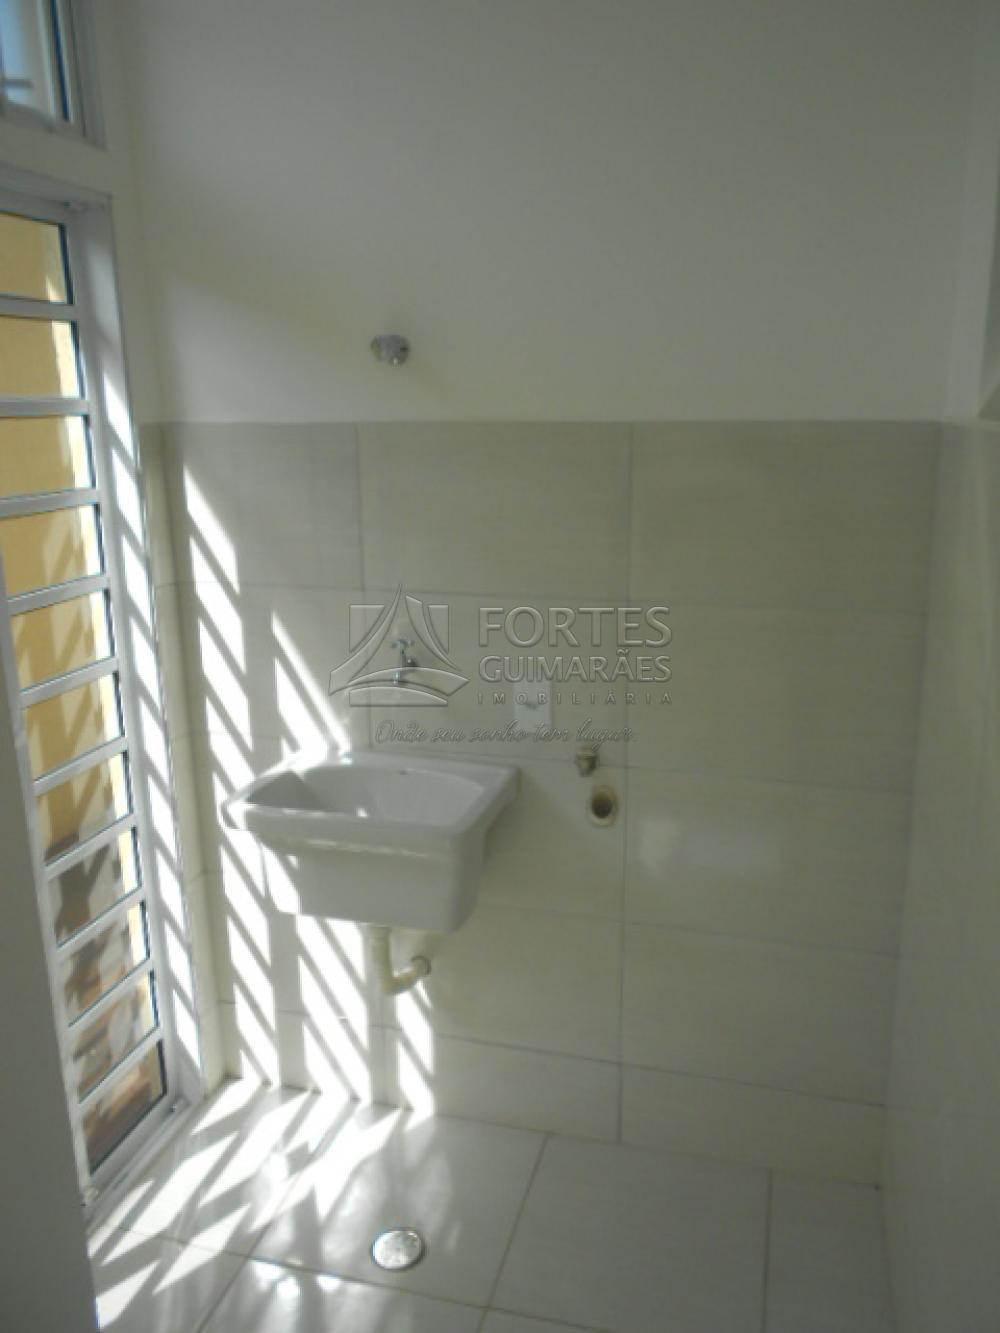 Alugar Casas / Padrão em Bonfim Paulista apenas R$ 1.300,00 - Foto 28